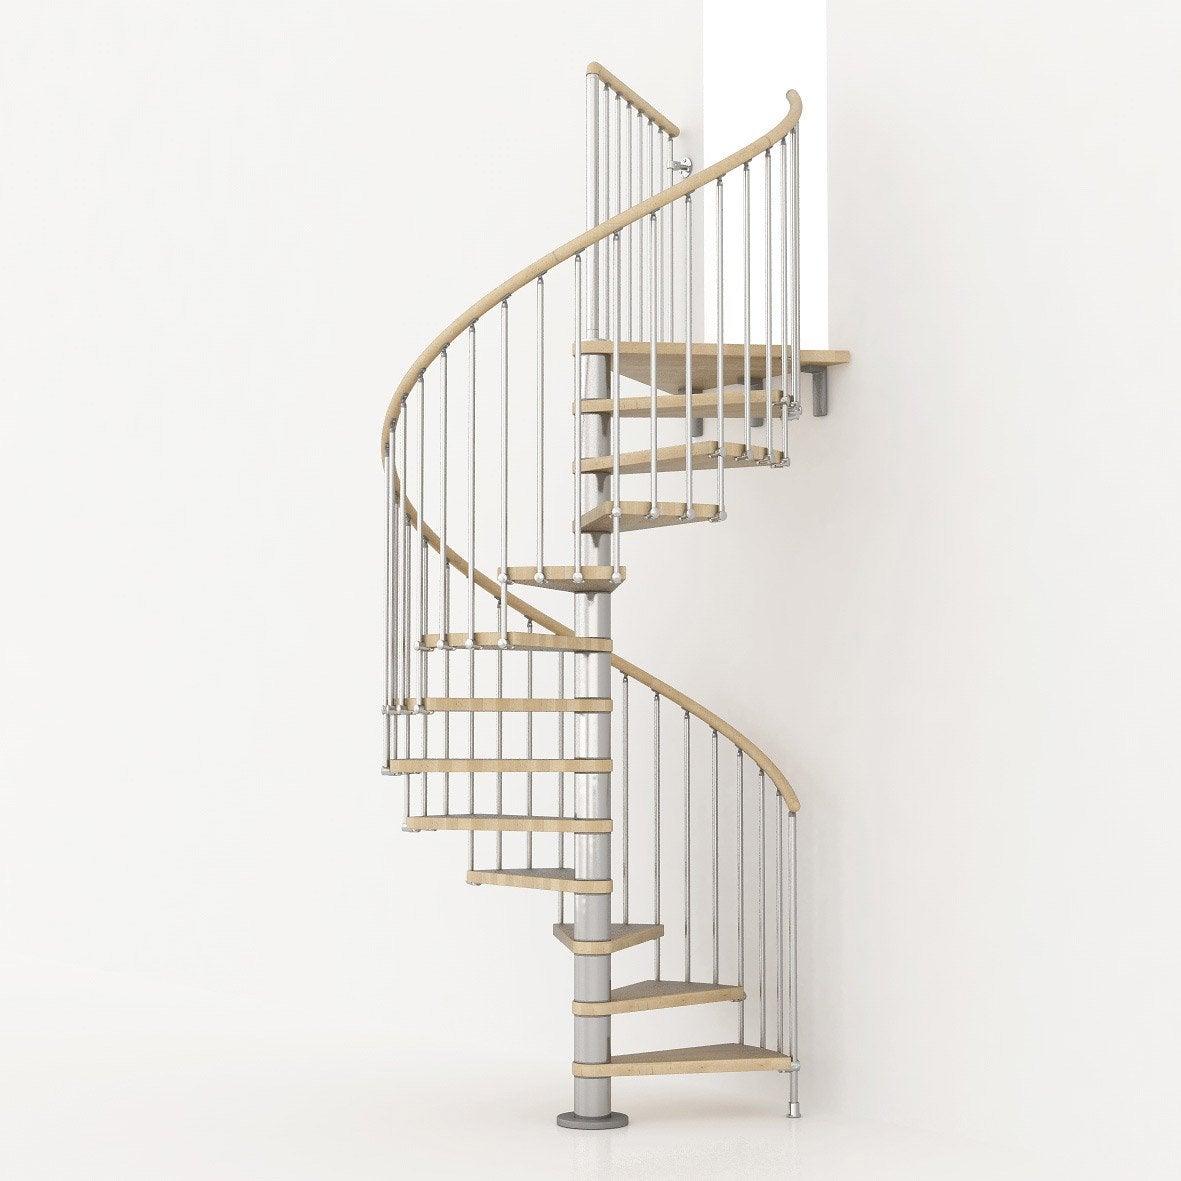 Escalier colimaçon rond Ring structure métal marche bois Leroy Merlin # Bois Rond Leroy Merlin